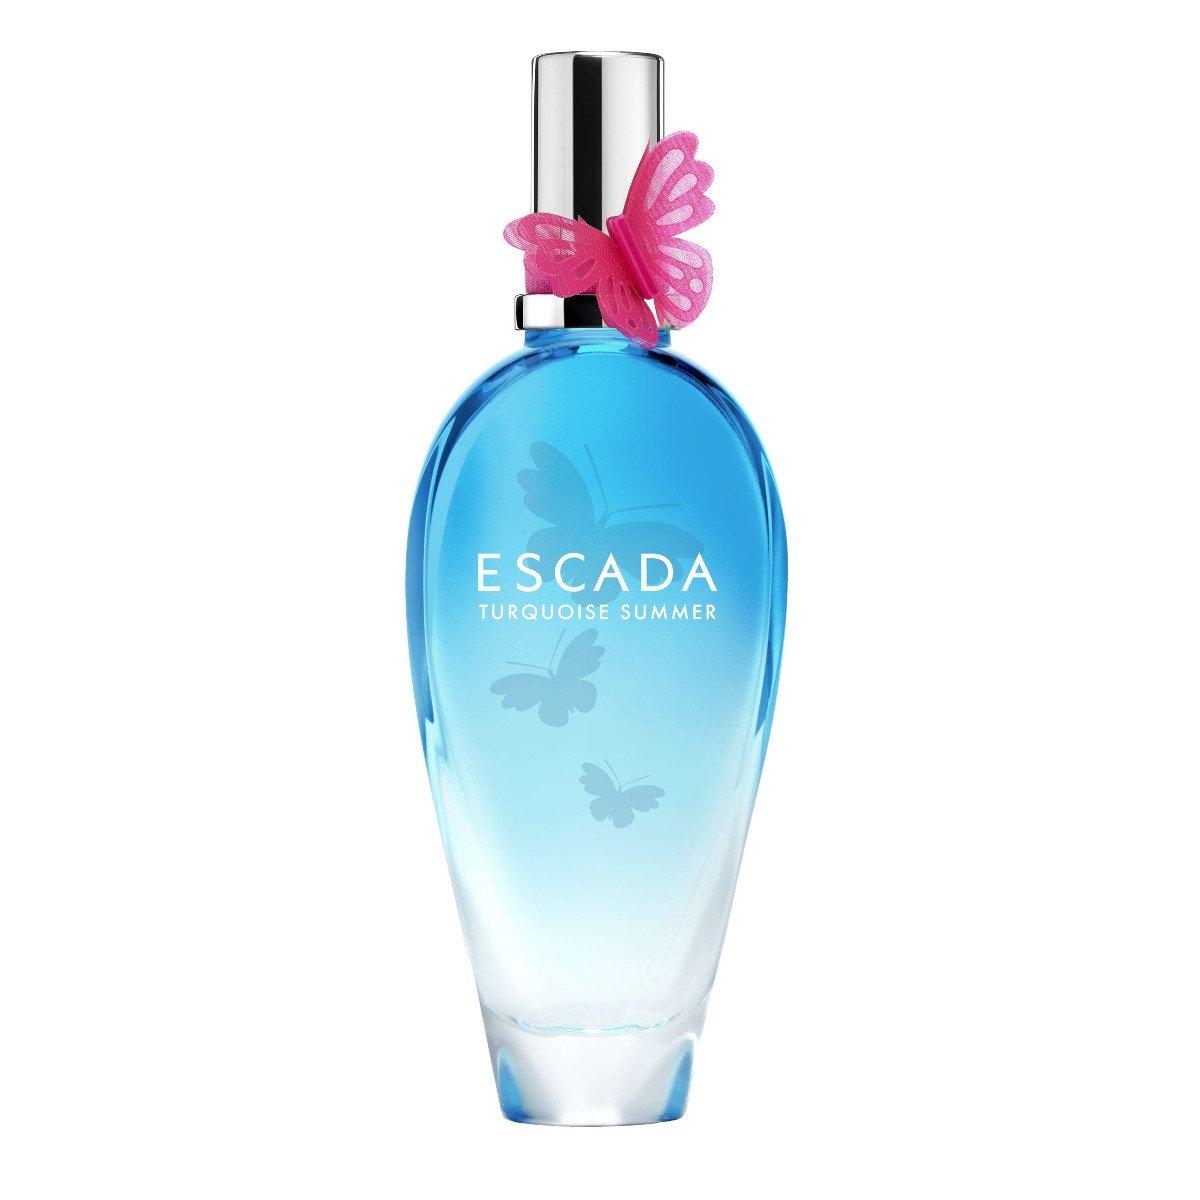 ESCADA Turquoise Summer